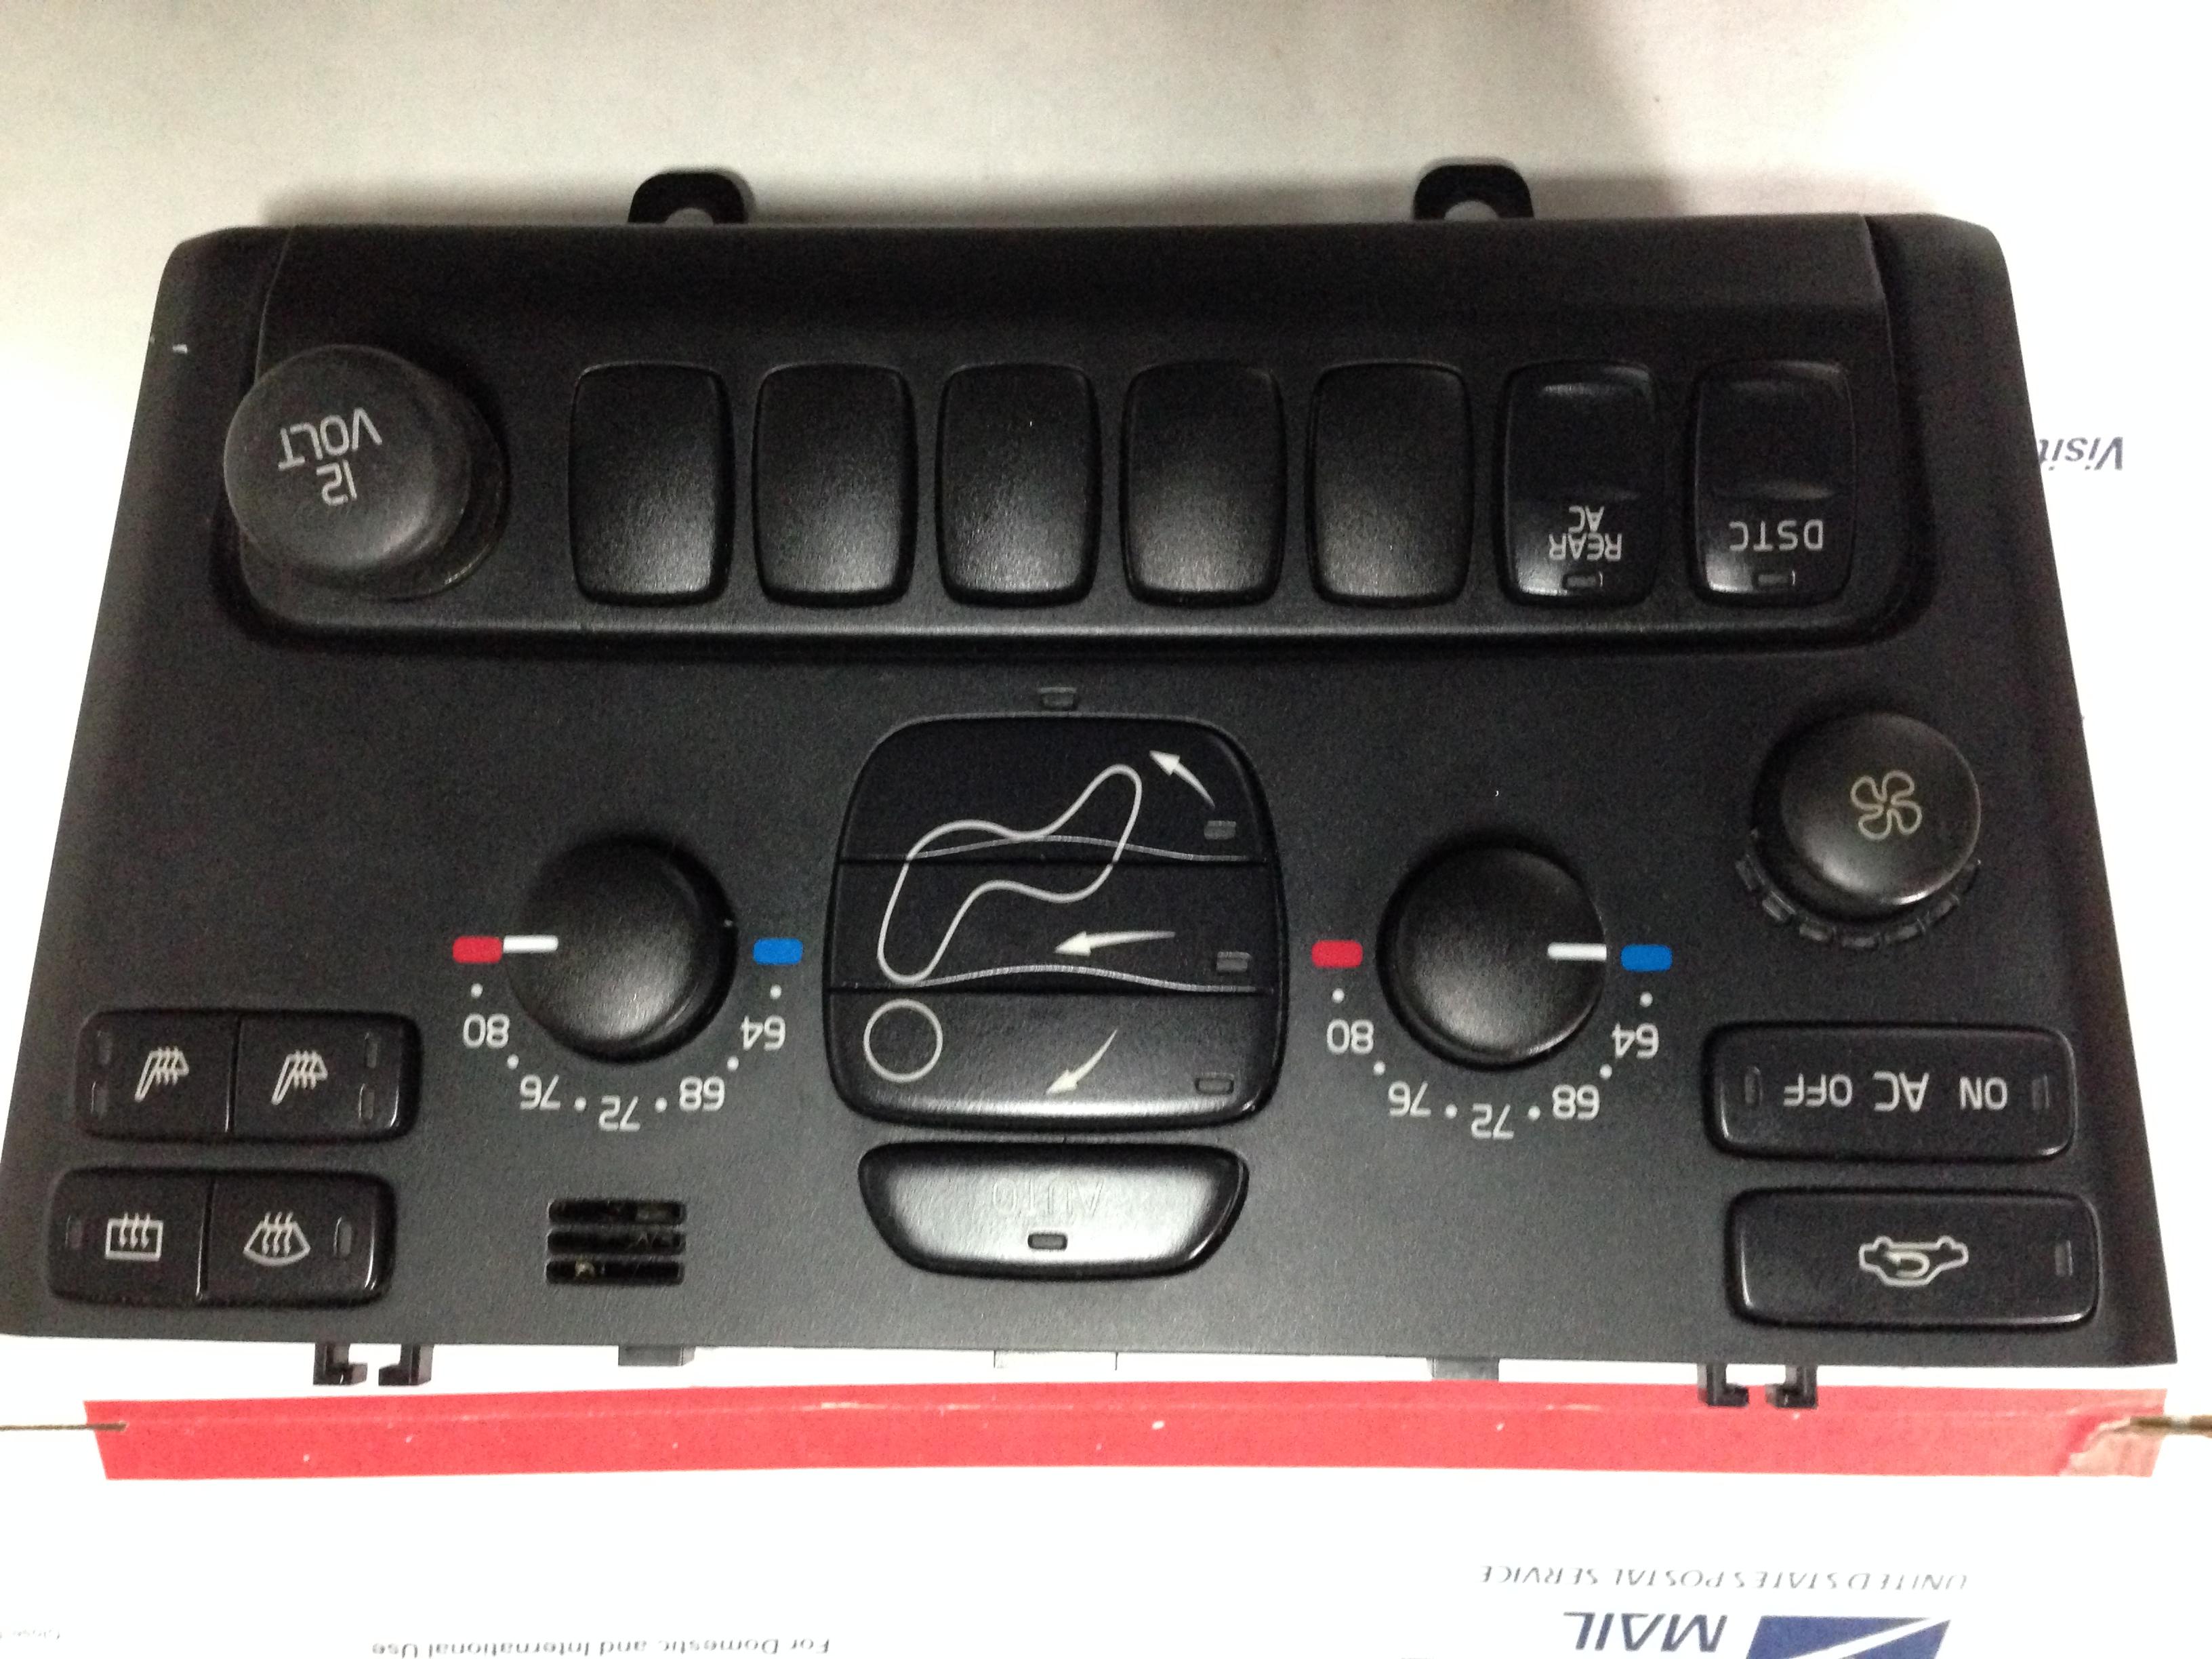 volvo xc90 heater control unit w/DSTC w/REAR w/heater seats AC 03 04 05 06